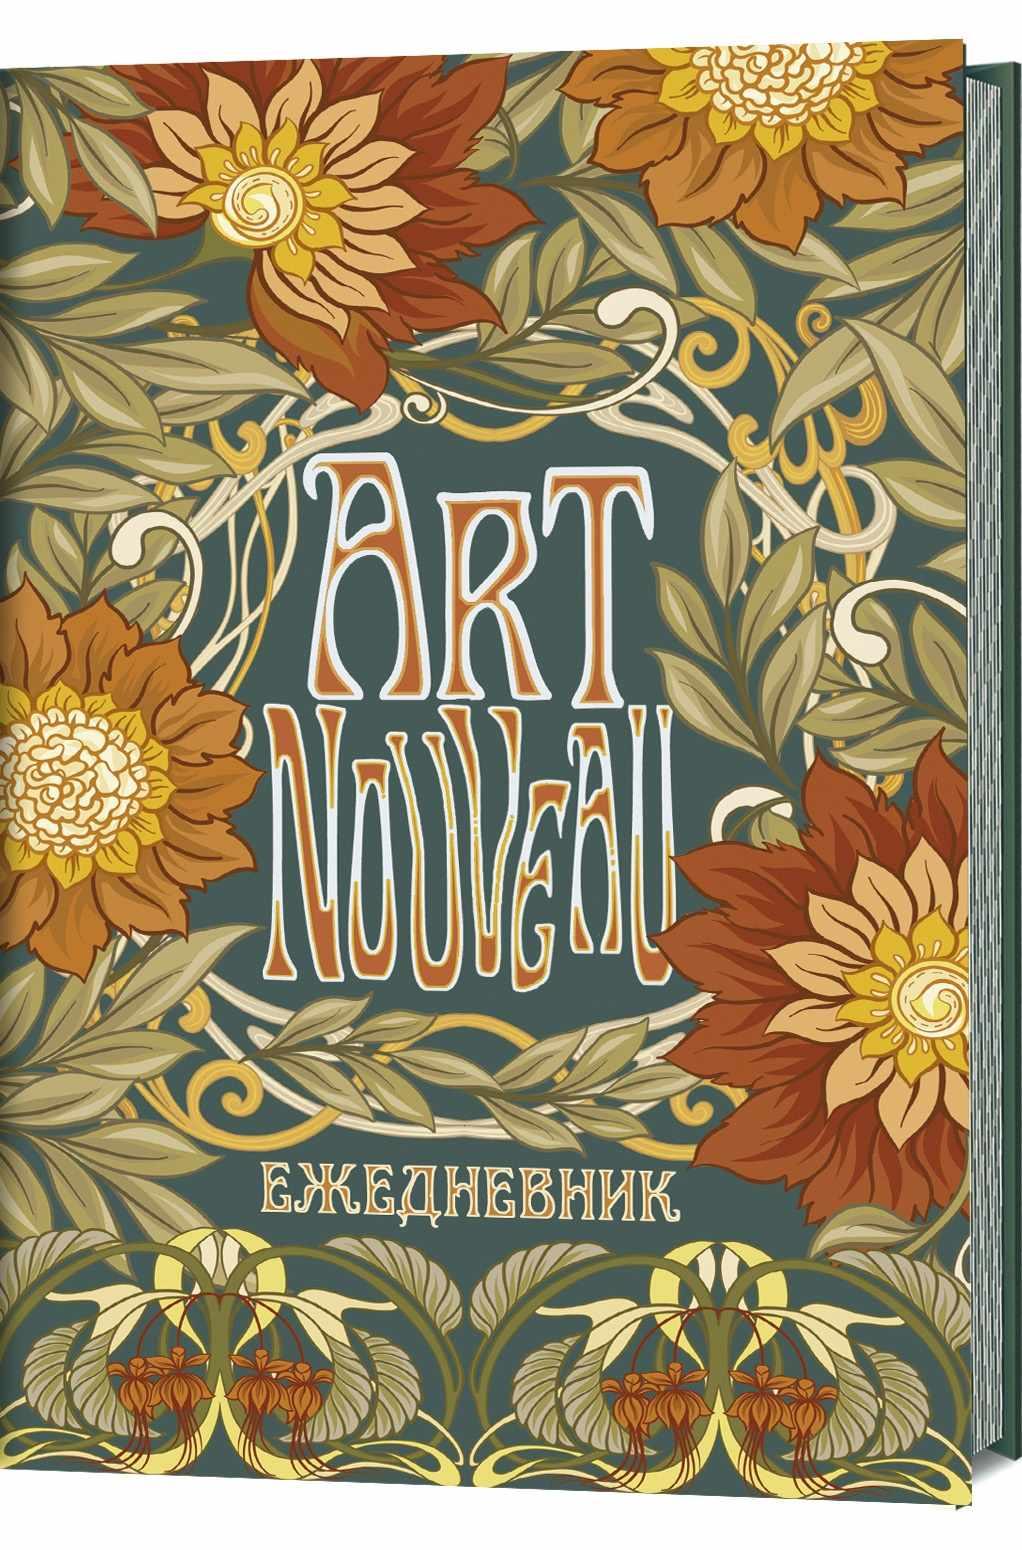 Ежедневник art nouveau (зеленый фон)